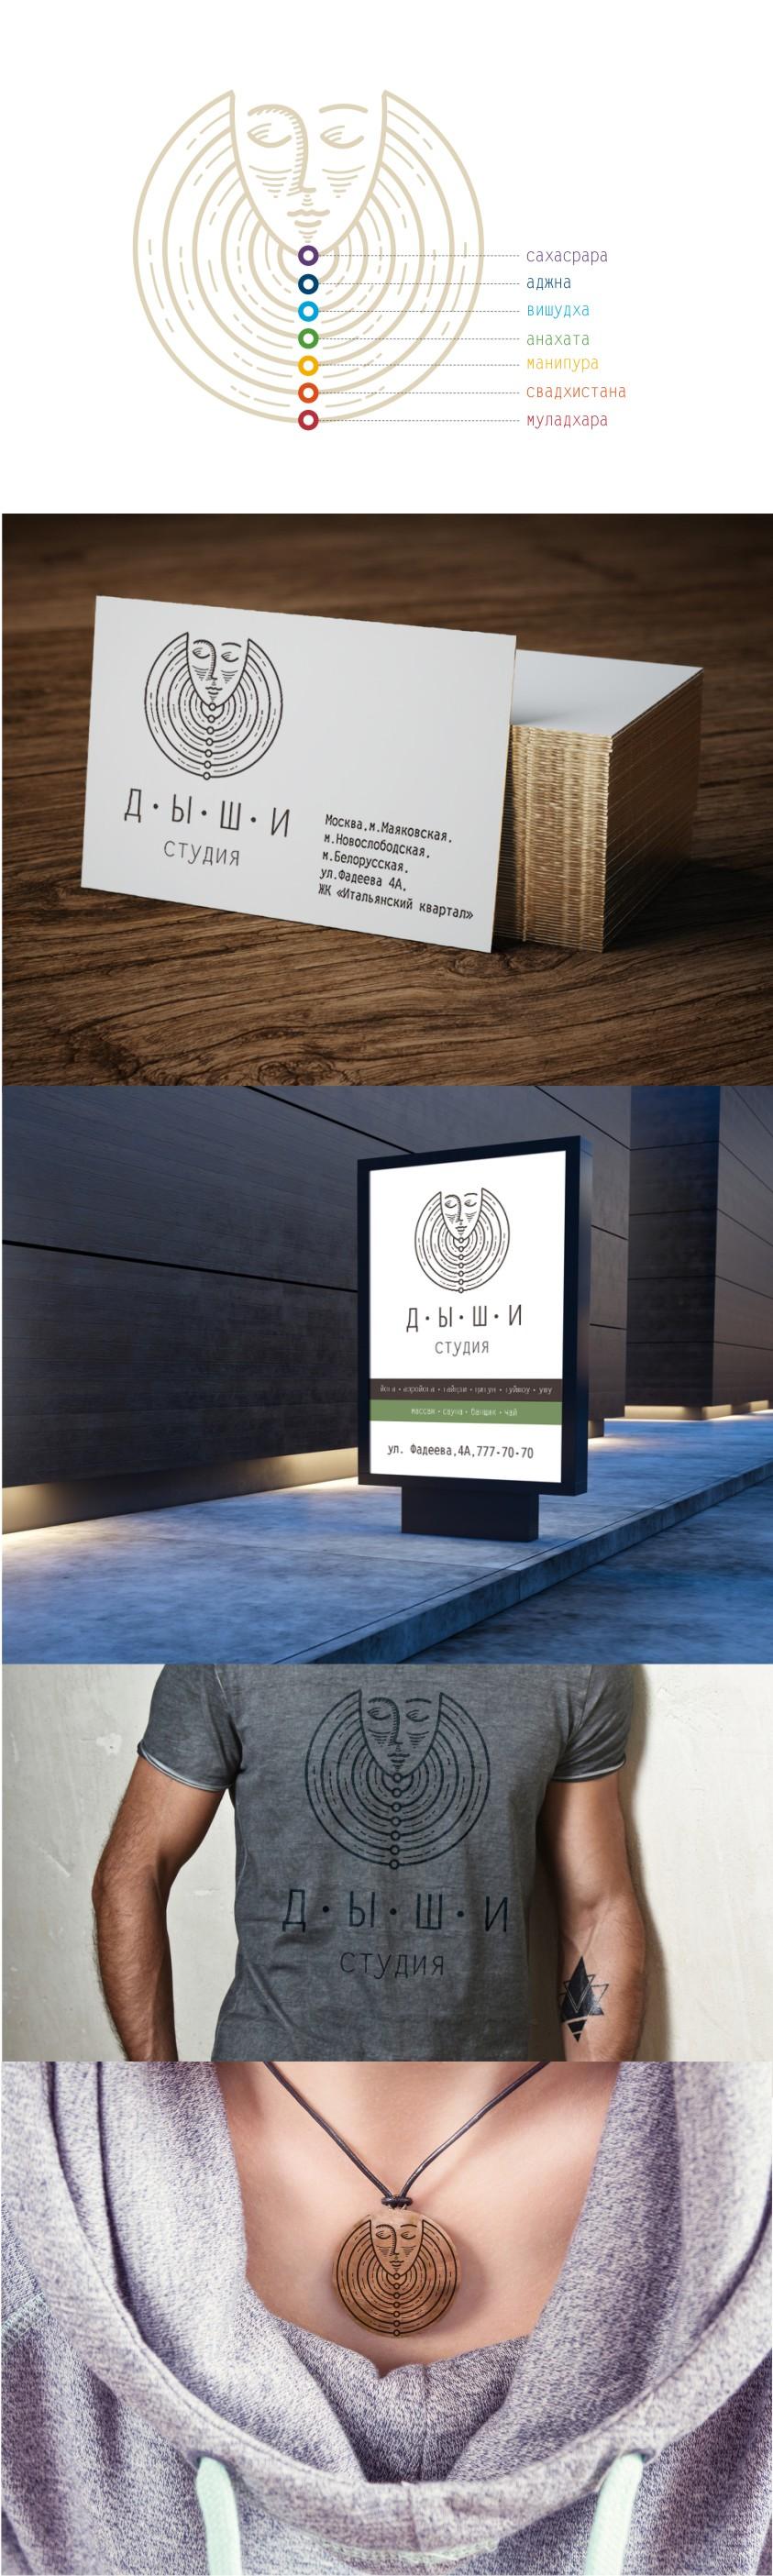 """Логотип для студии """"Дыши""""  и фирменный стиль фото f_02856f8c20a38f7a.jpg"""